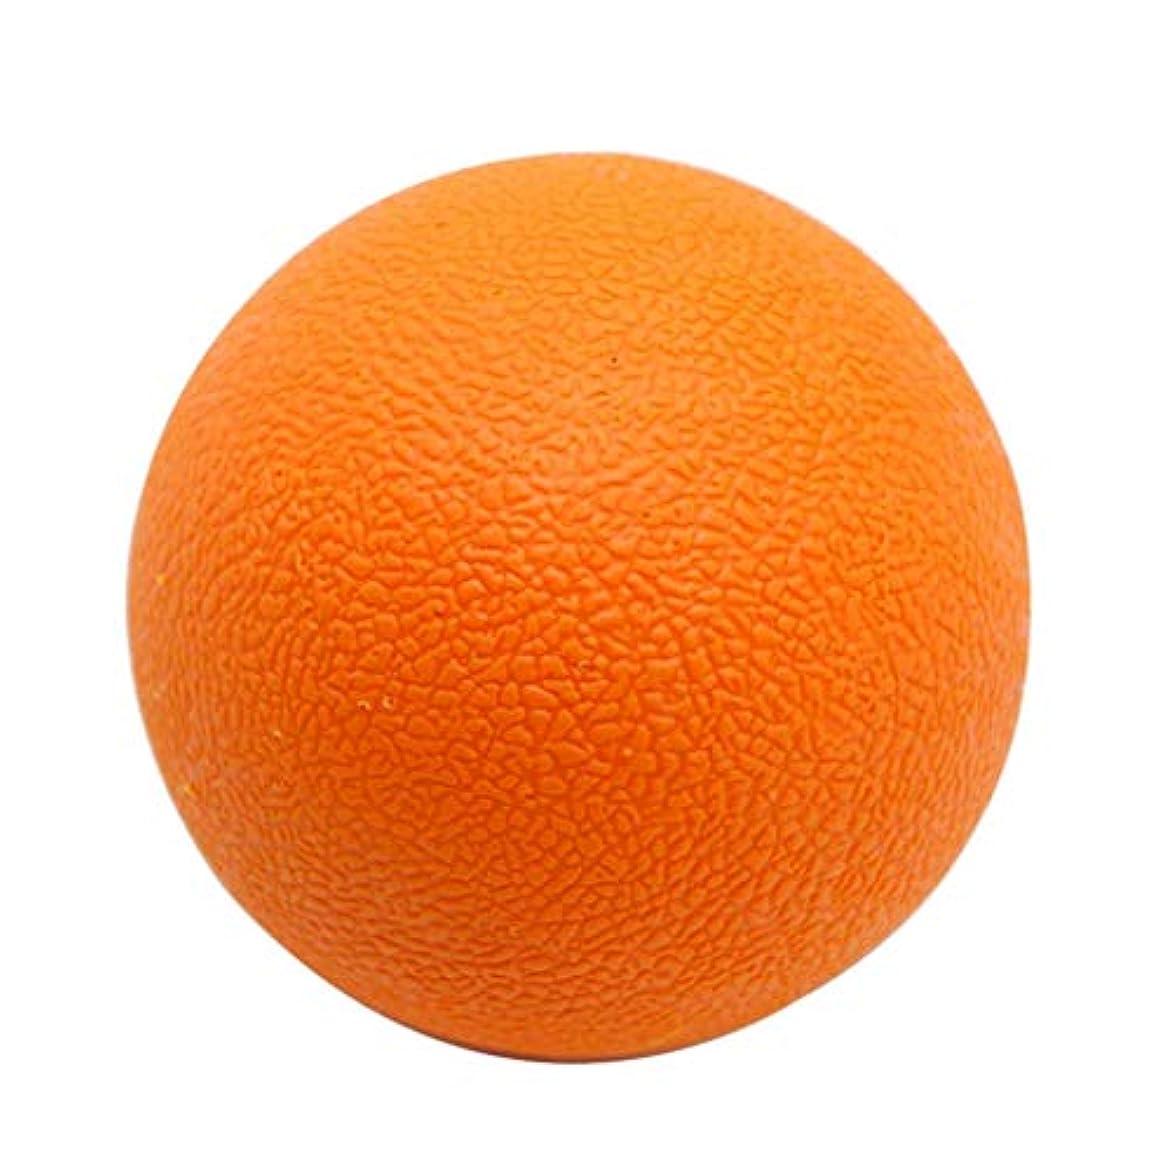 磁石せっかち団結するFLAMEER マッサージボール TPE トリガーポイント 筋膜リリース ツボ押しグッズ 足、腕、首、背中 オレンジ